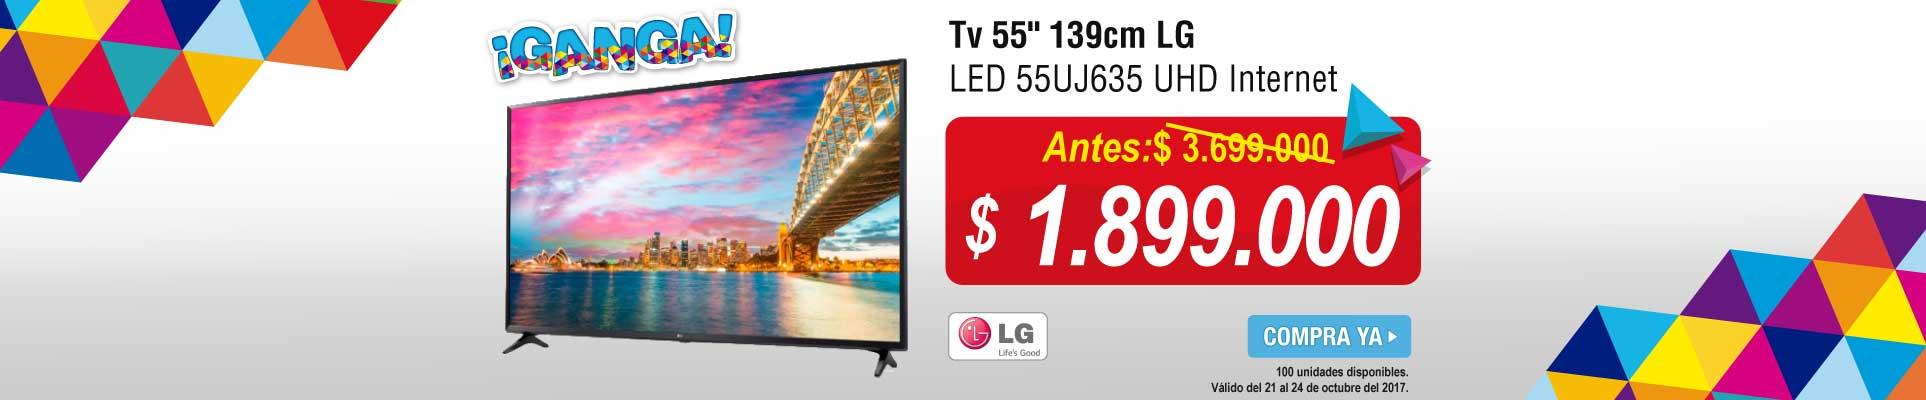 PPAL ALKP-1-tv-Tv 55 139cm LG LED 55UJ635 UHD Internet-prod-octubre21-24